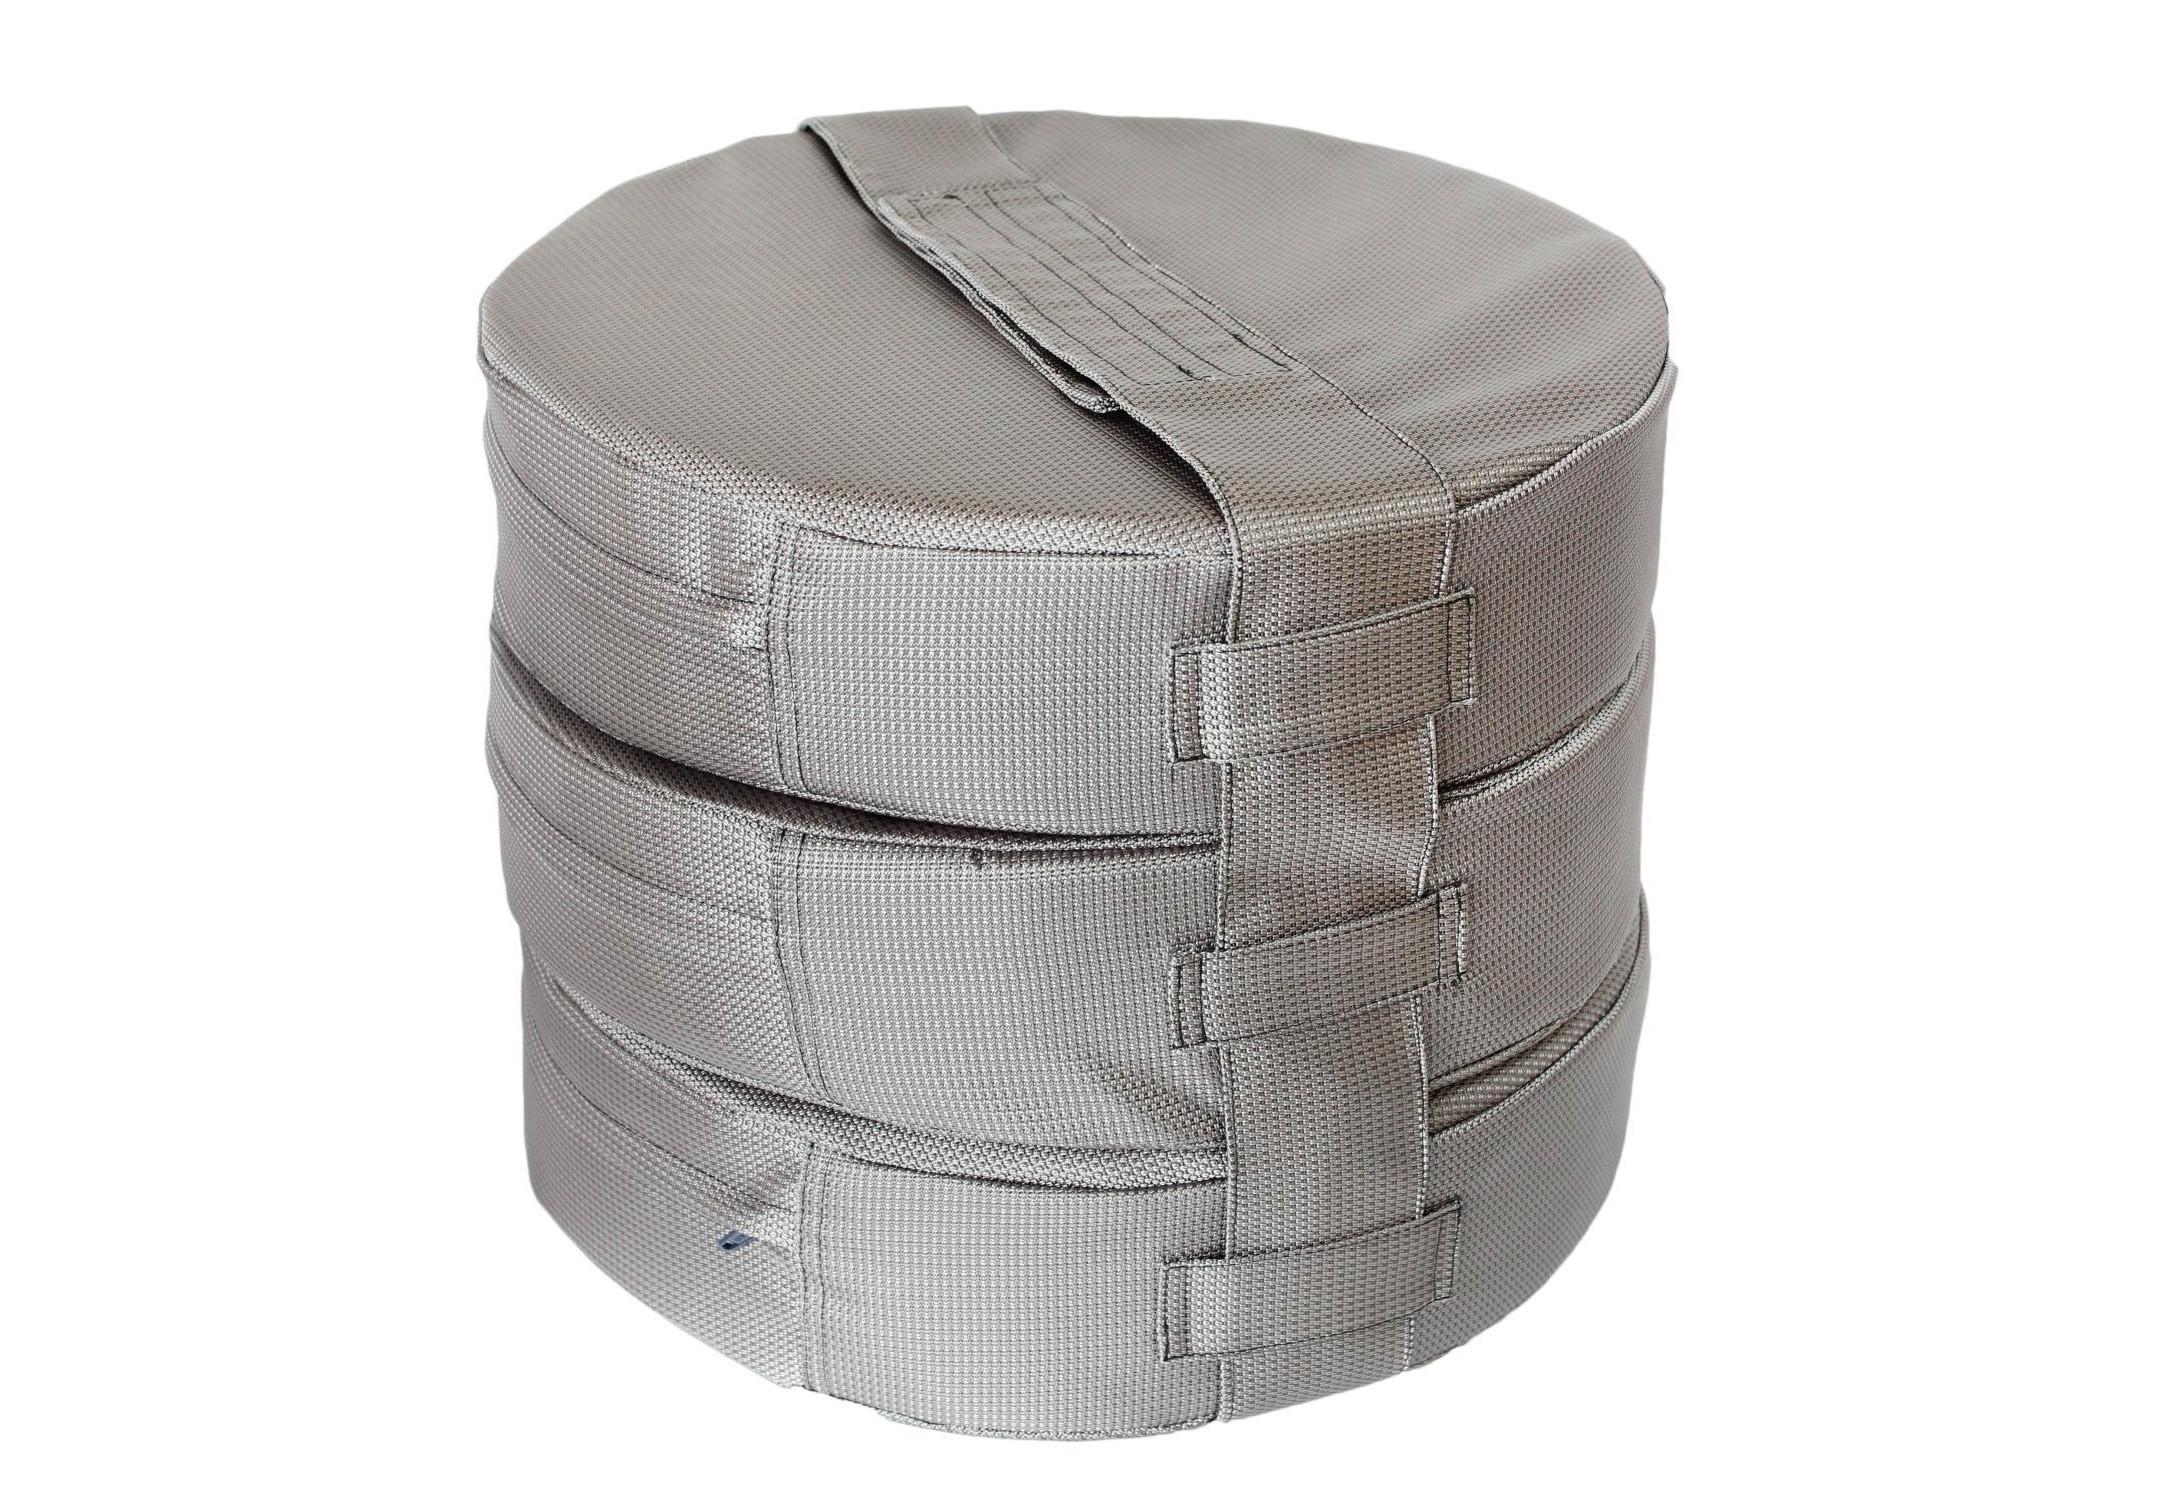 Подушка на пол Silver (3шт)Форменные пуфы<br>Мягкие и очень удобные подушки на пол из водооталкивающей ткани с наполнителем из поролона станут функциональным предметом для комфортного отдыха. Контраст вставки с основным цветом изделия добавит изюминку в ваше пространство! Подушка сшита из очень плотной ткани с водооталкивающей пропиткой с внешней стороны, поэтому идеально подойдет для уличного декора. Набор подушек удобно хранить и перевозить в машине, за счет компактной упаковки. При загрязнении ее достаточно протереть влажной салфеткой!&amp;amp;nbsp;&amp;lt;div&amp;gt;&amp;lt;br&amp;gt;&amp;lt;/div&amp;gt;&amp;lt;div&amp;gt;Размер каждой подушки 10х40 см.&amp;amp;nbsp;&amp;lt;/div&amp;gt;<br><br>Material: Текстиль<br>Высота см: 30